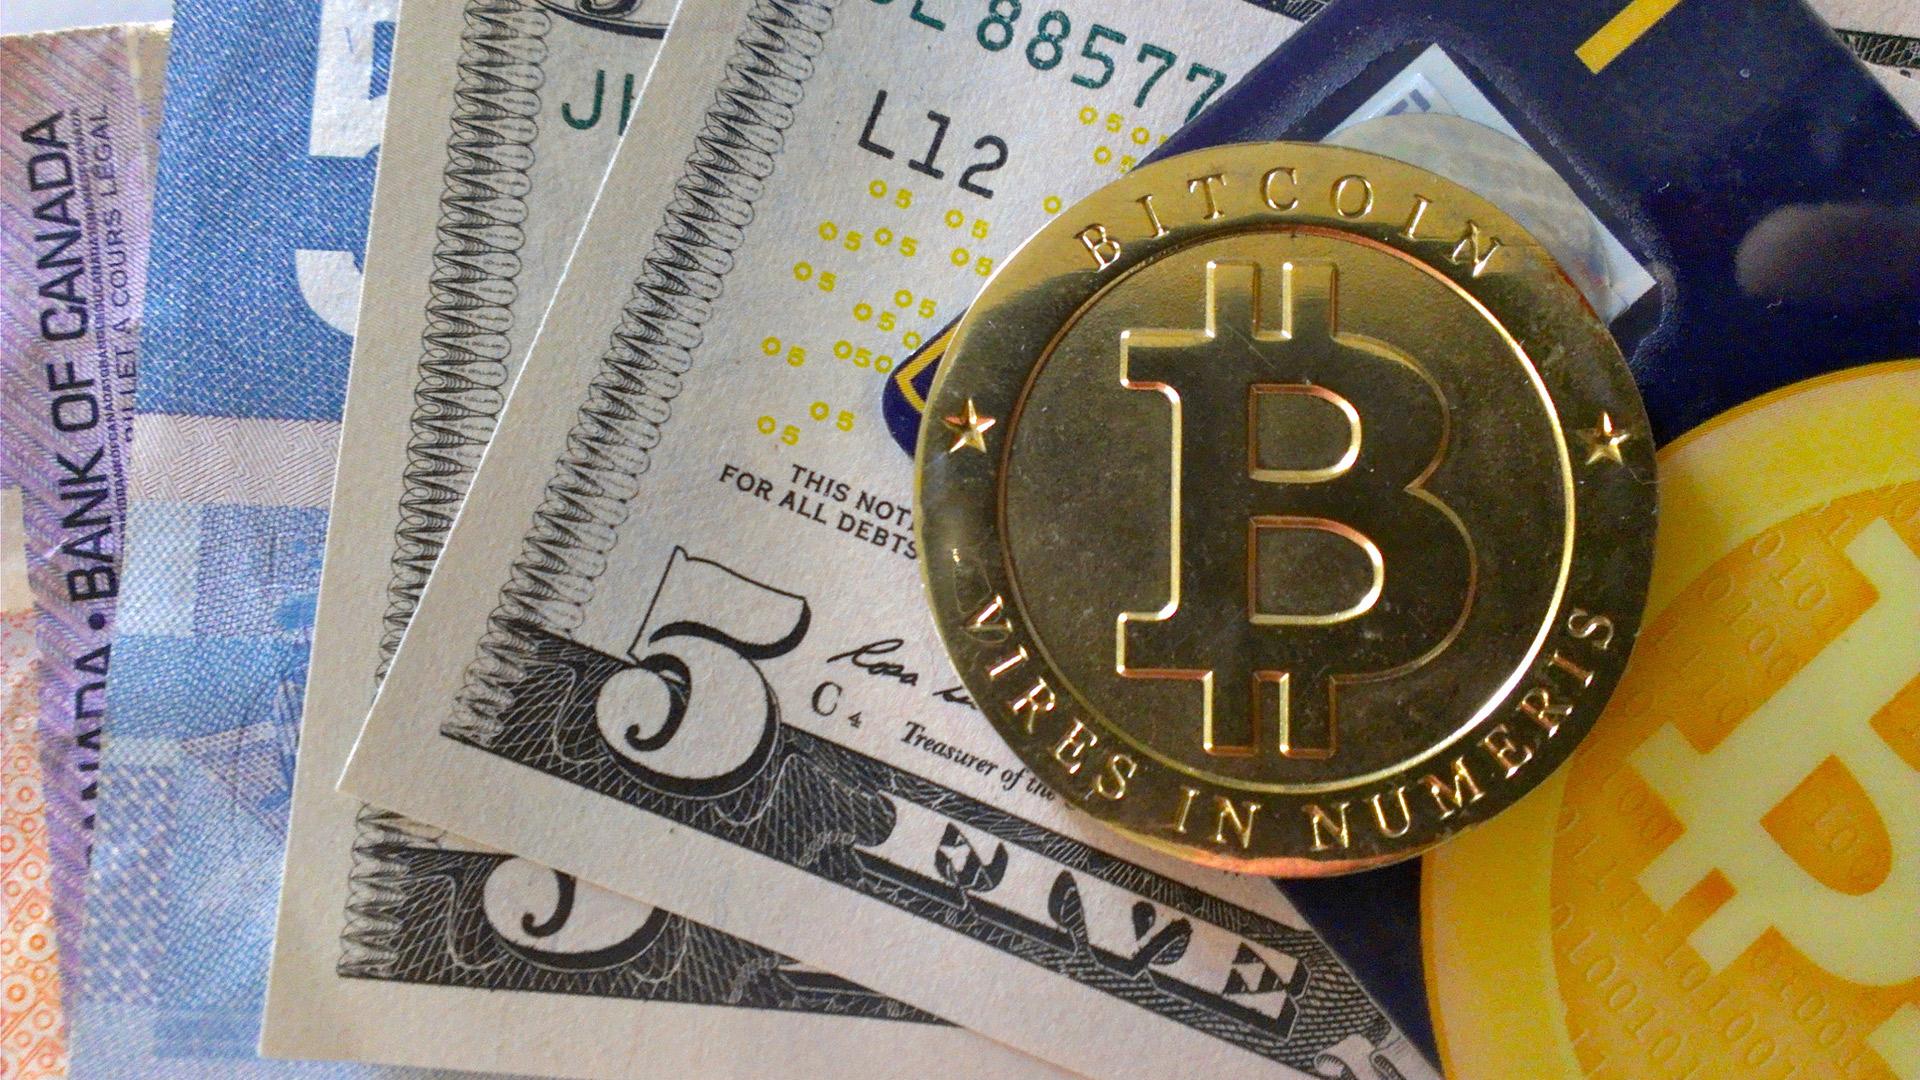 Купить Биткоин: миссия выполнима. Bitcoin биржи.